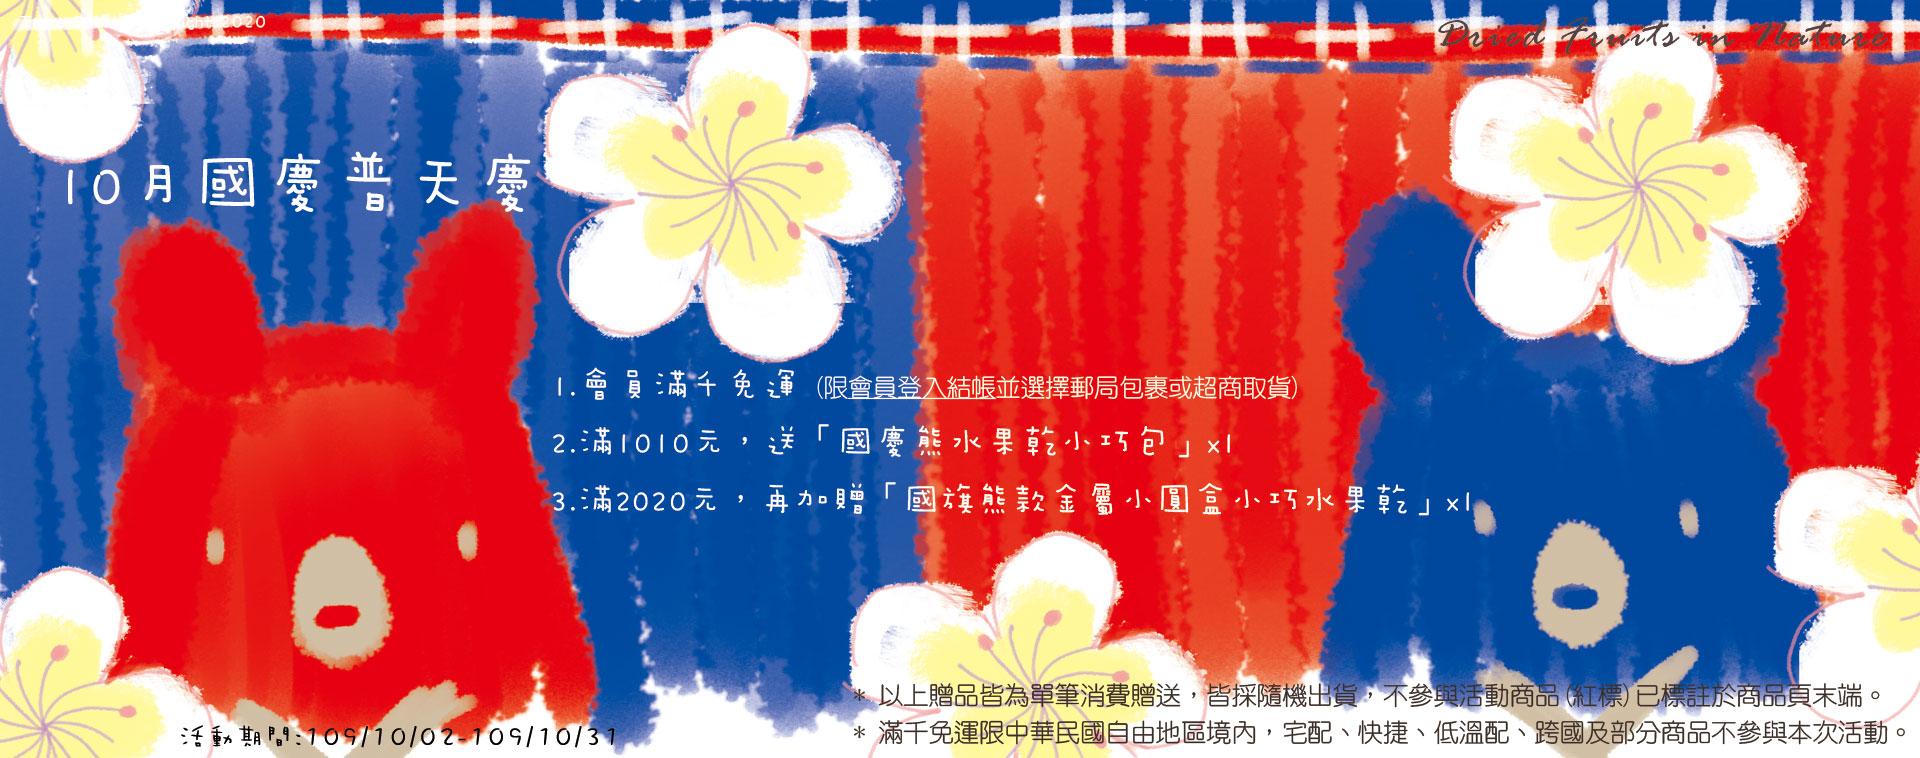 10月滿額活動-十月國慶普天慶